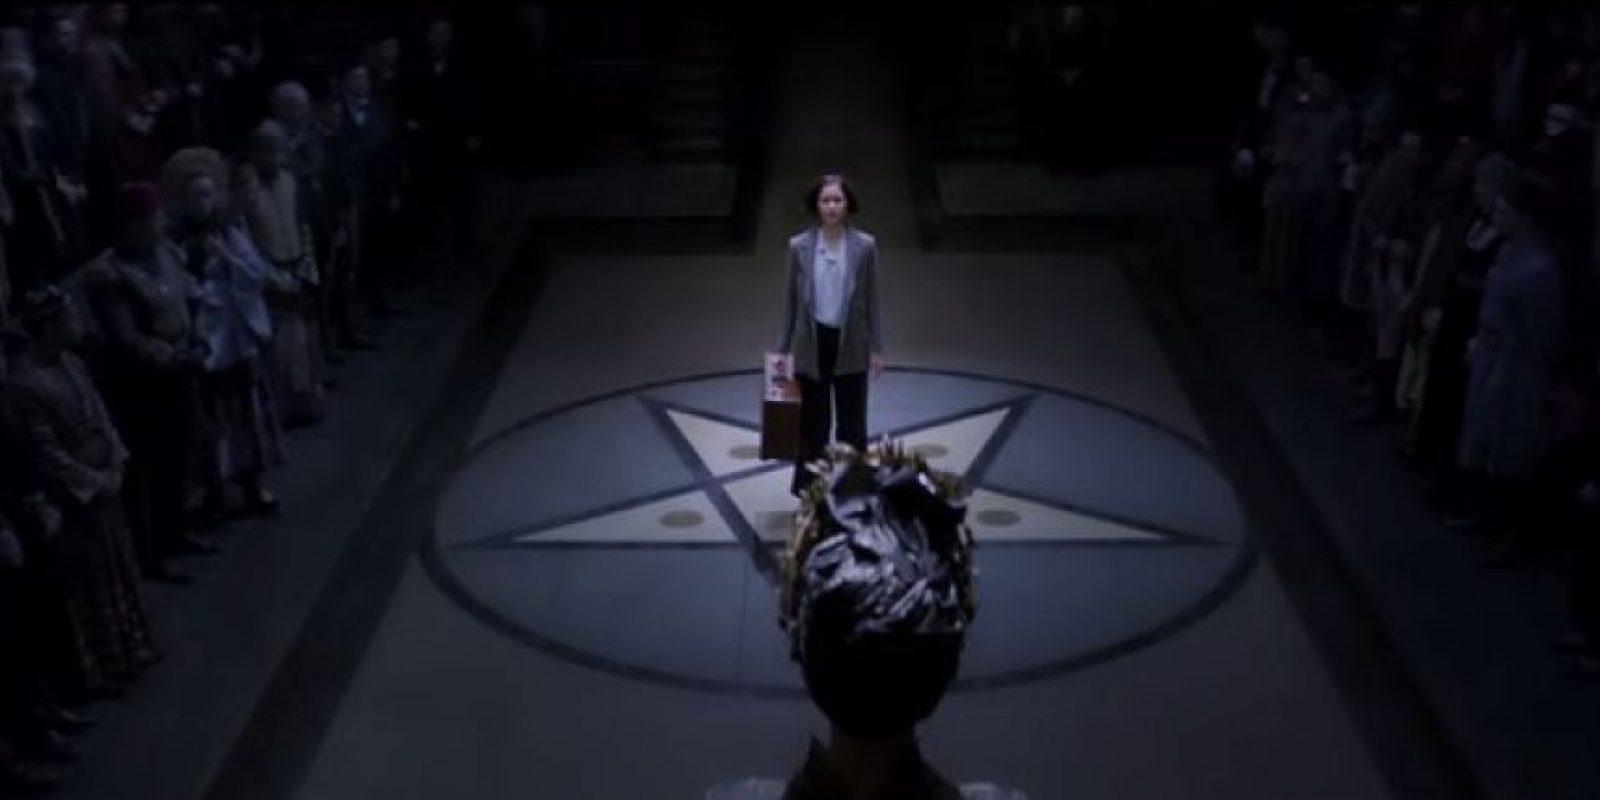 """La historia arrancará en Nueva York, 70 años antes de lo narrado en los libros de """"Harry Potter"""". Foto:Warner Bros"""